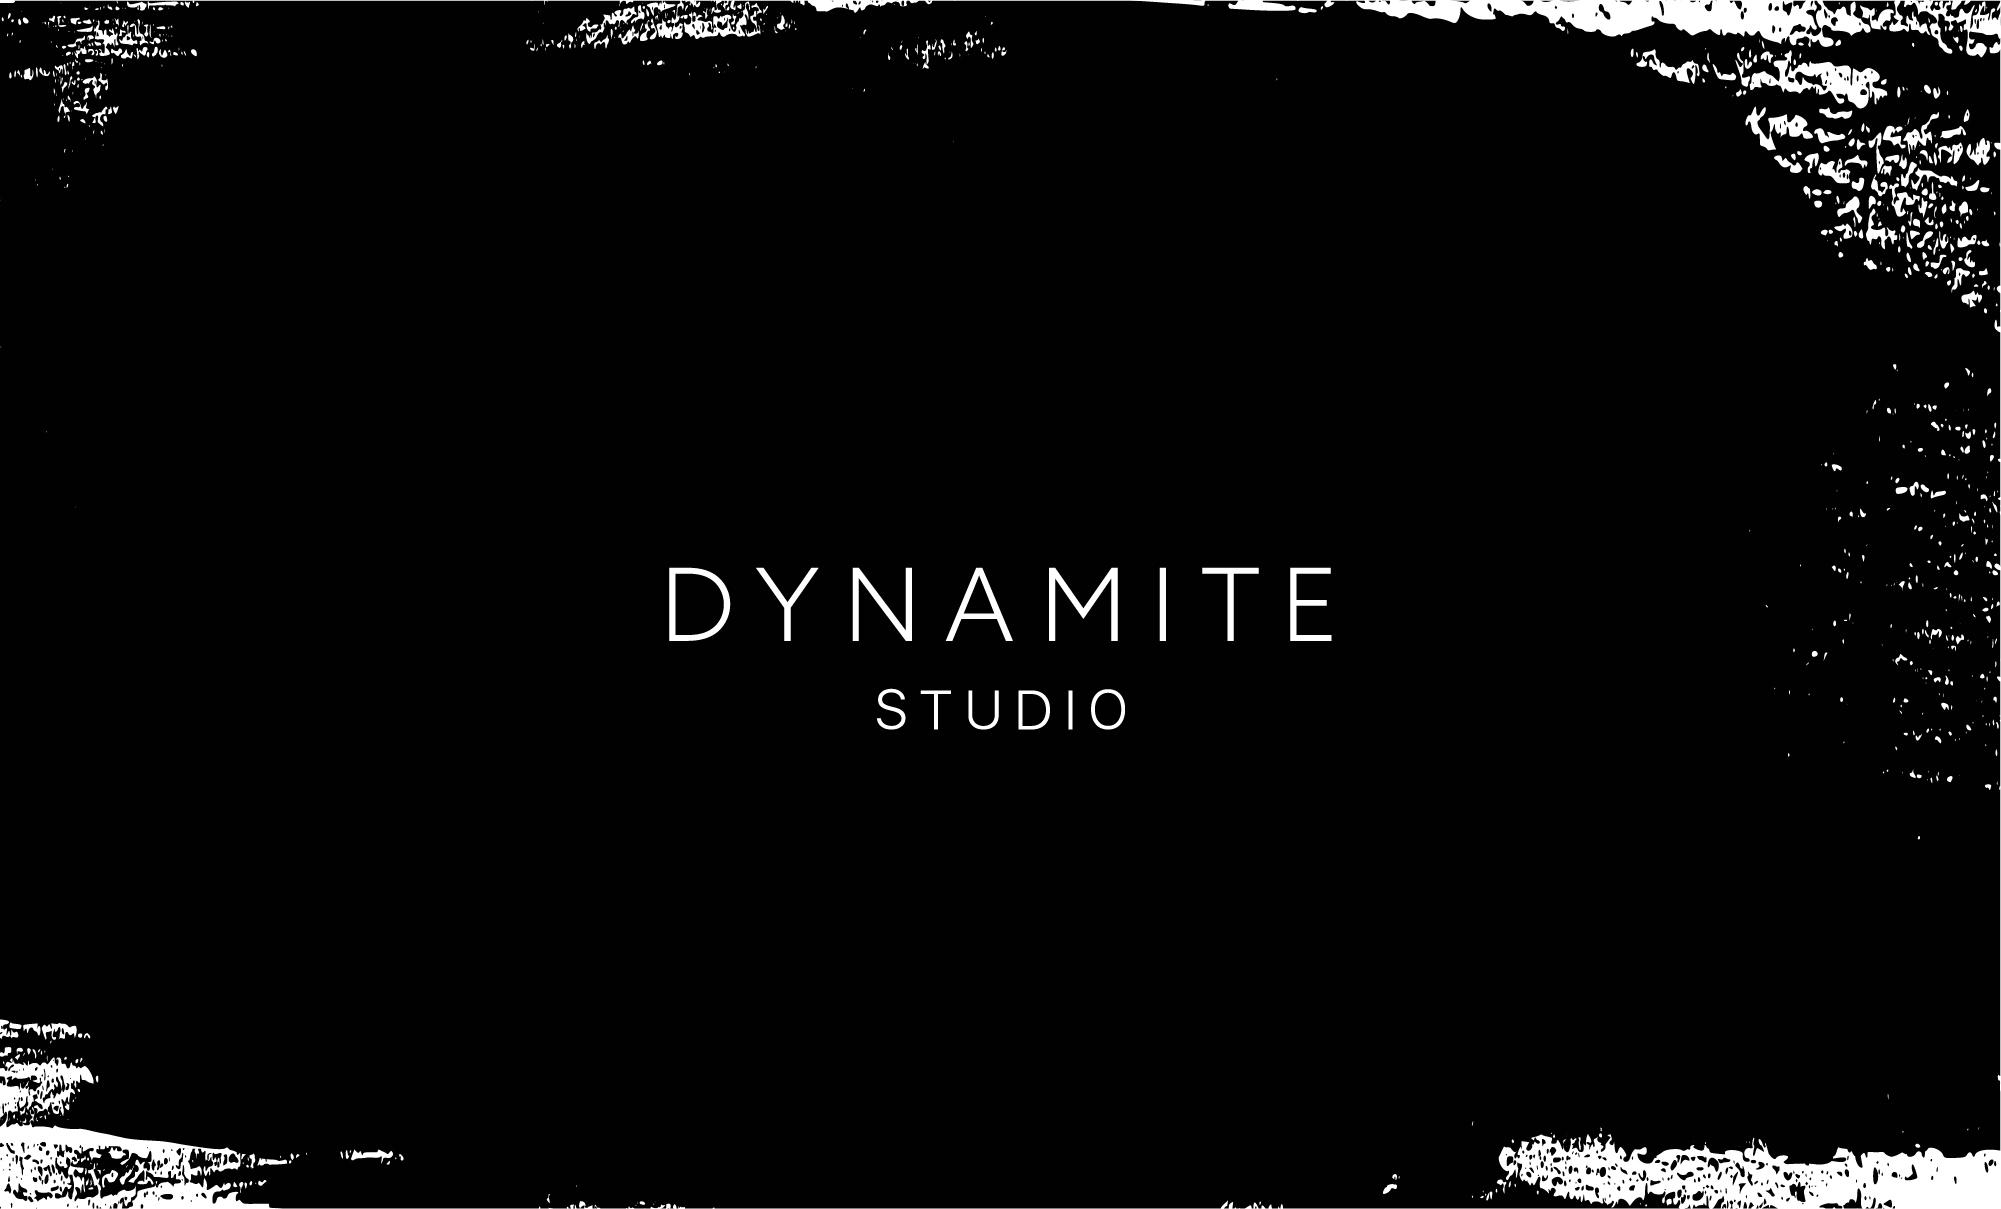 DYNAMITE_DEC16-01.jpg